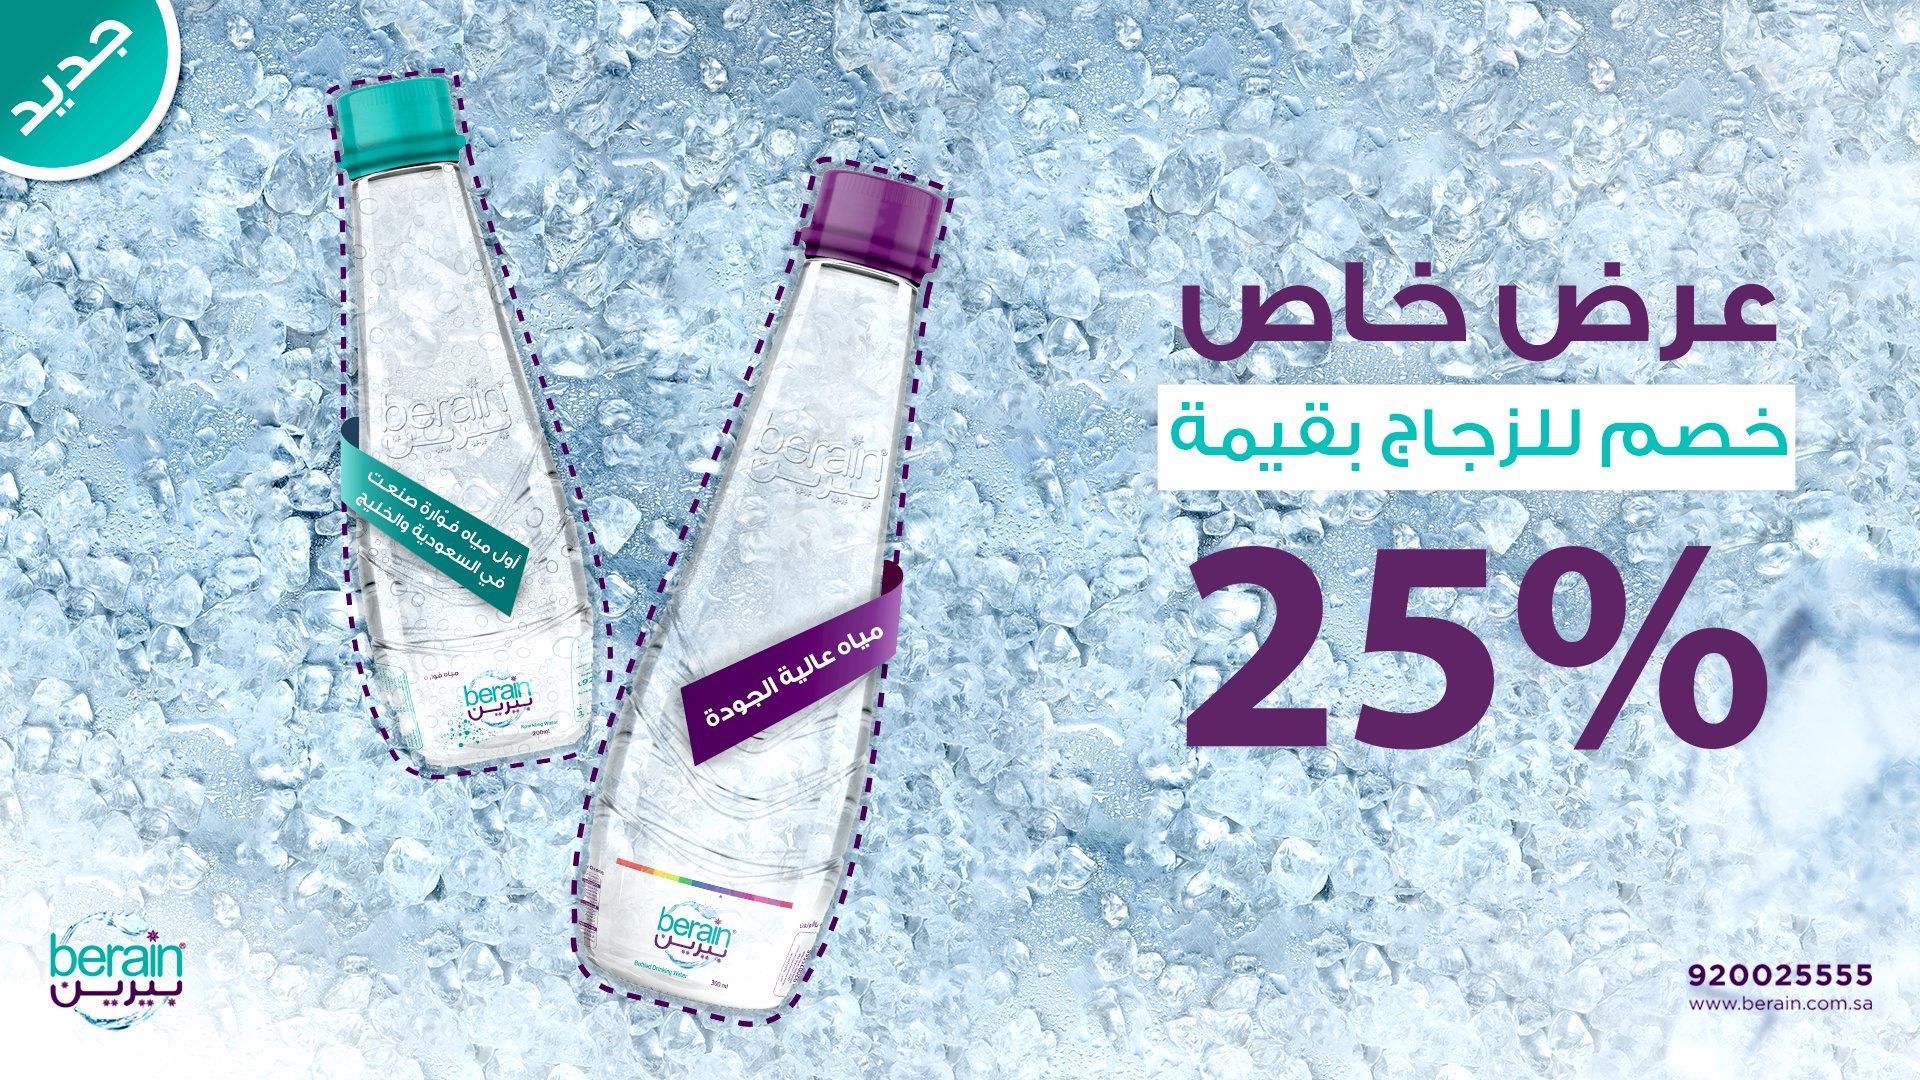 عرض مياه بيرين Berain Water خصم 25 على المنتجات الزجاجية الطلب عن طريق التطبيق Berain Onelink Me Ql3x او الرقم الموحد 92002555